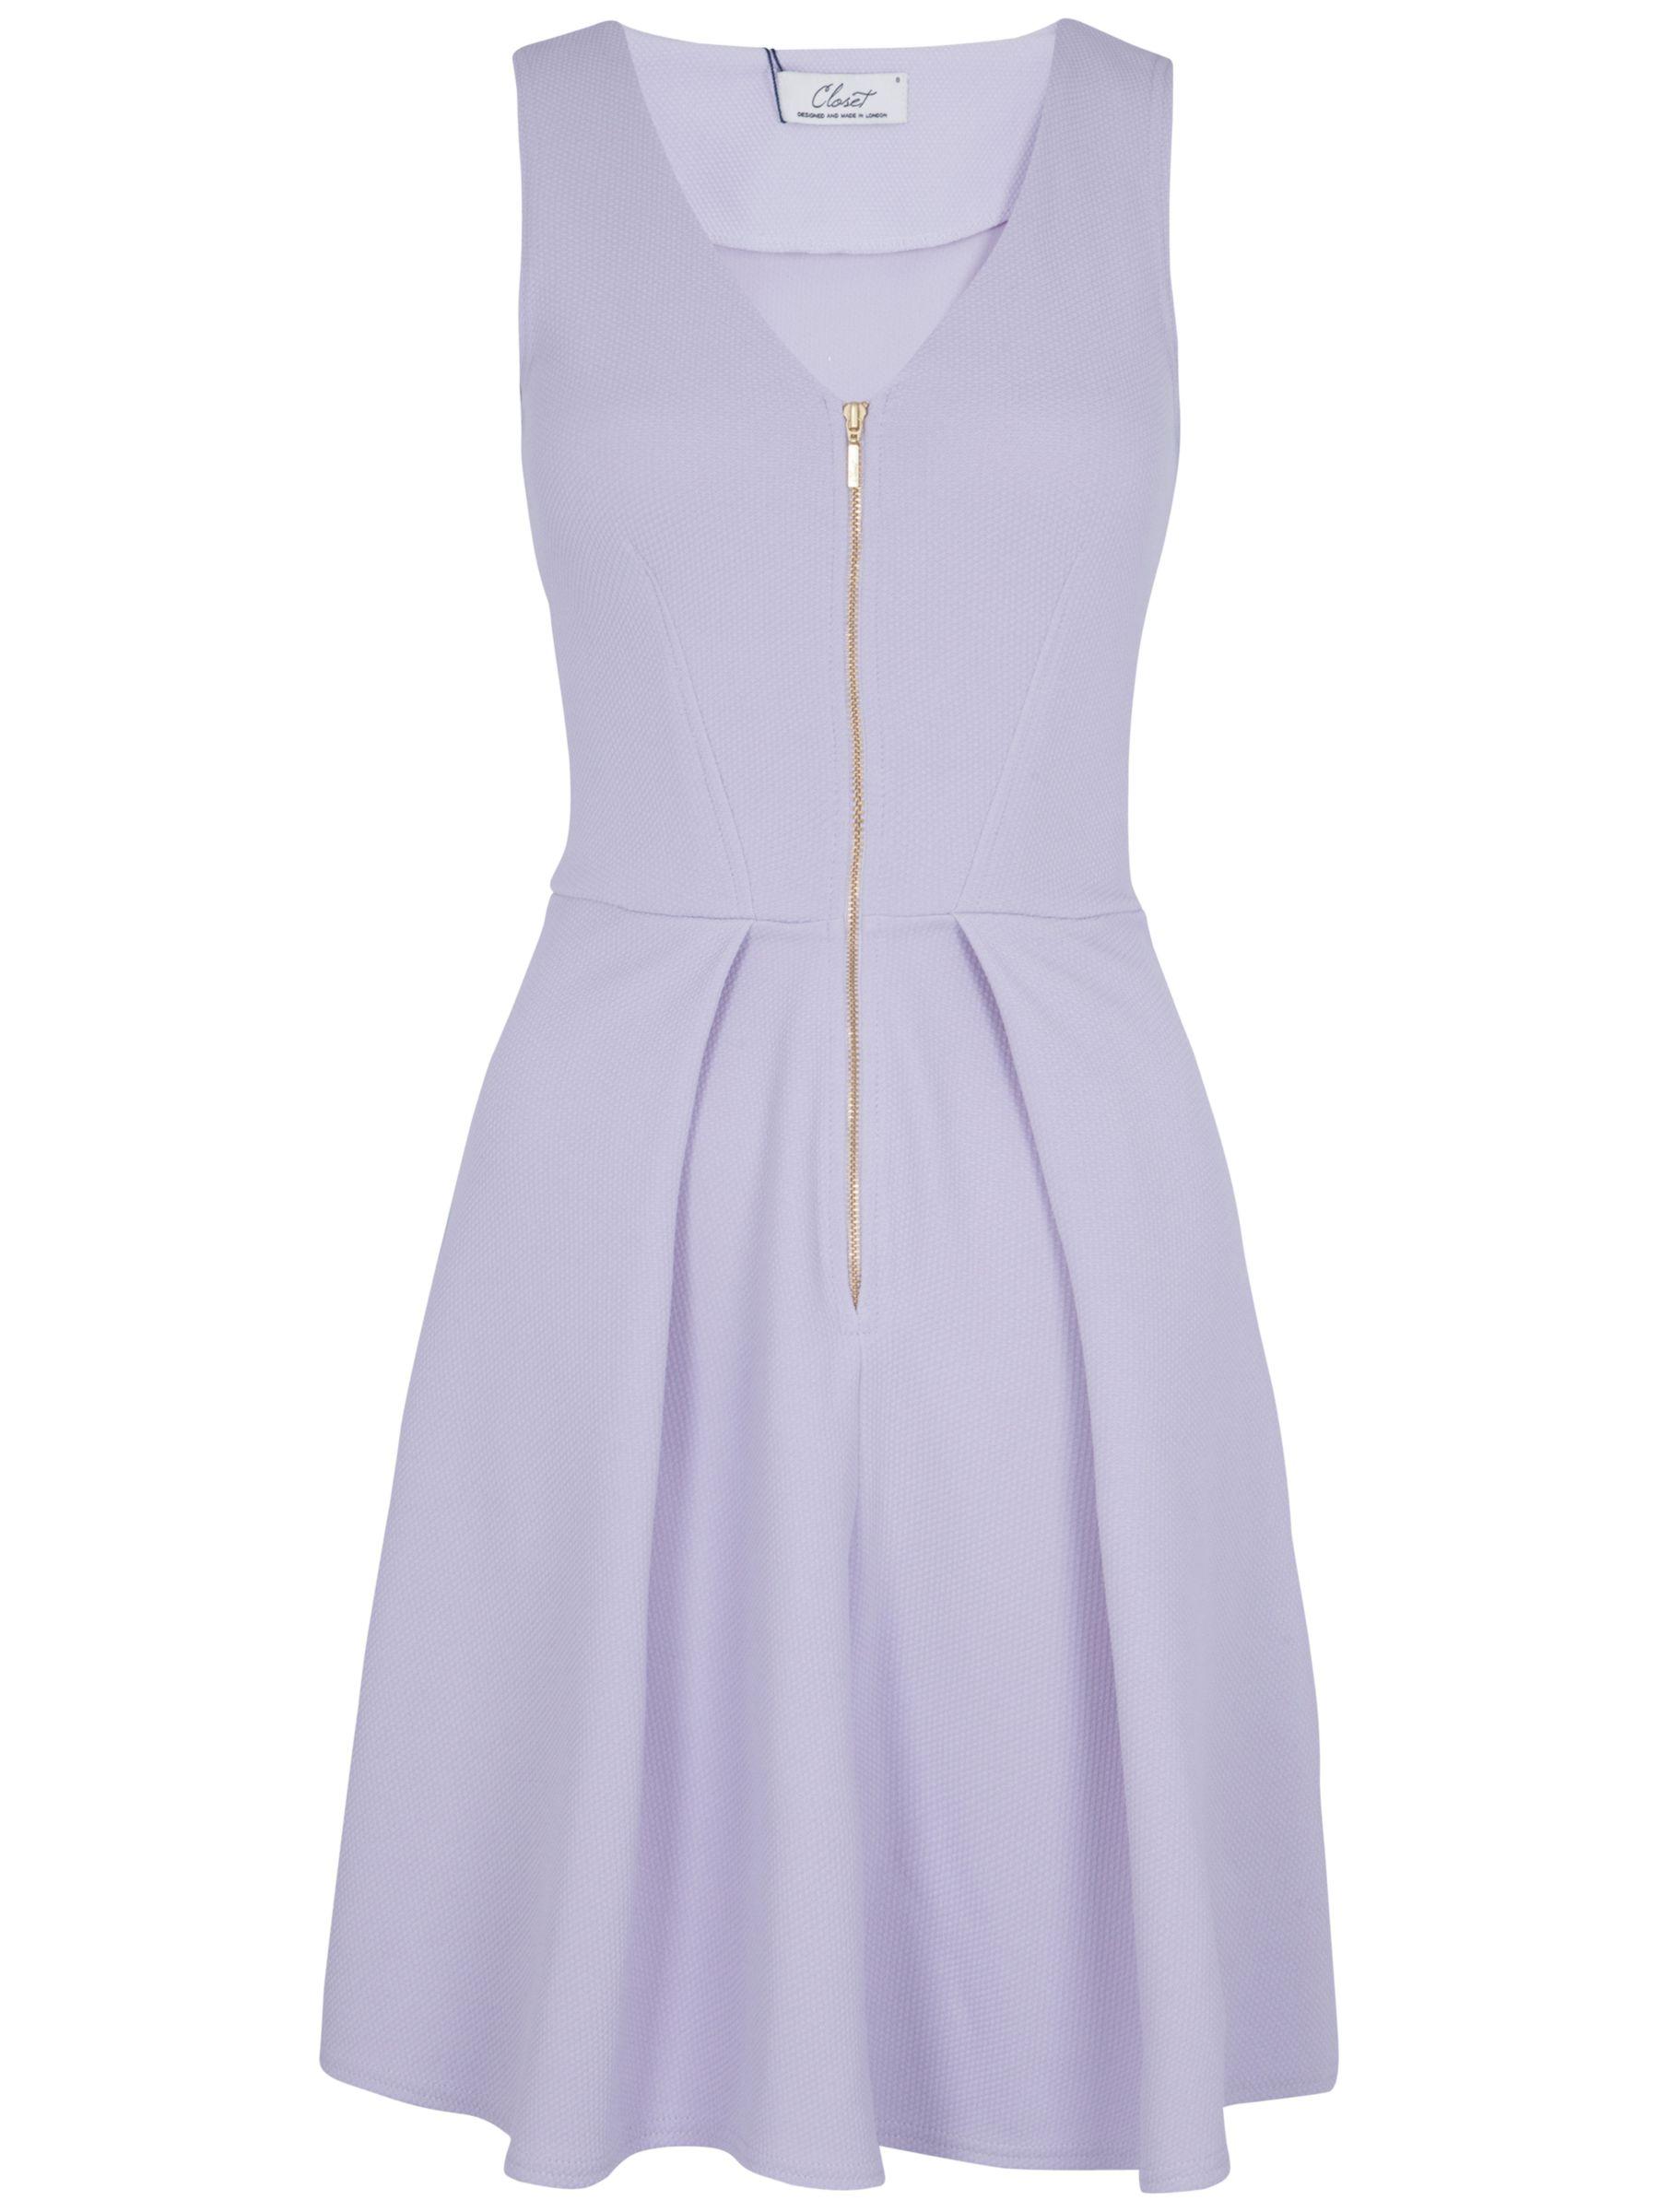 closet zip front ponti dress lilac, closet, zip, front, ponti, dress, lilac, 10 12 8, clearance, womenswear offers, womens dresses offers, women, womens dresses, special offers, 1511282